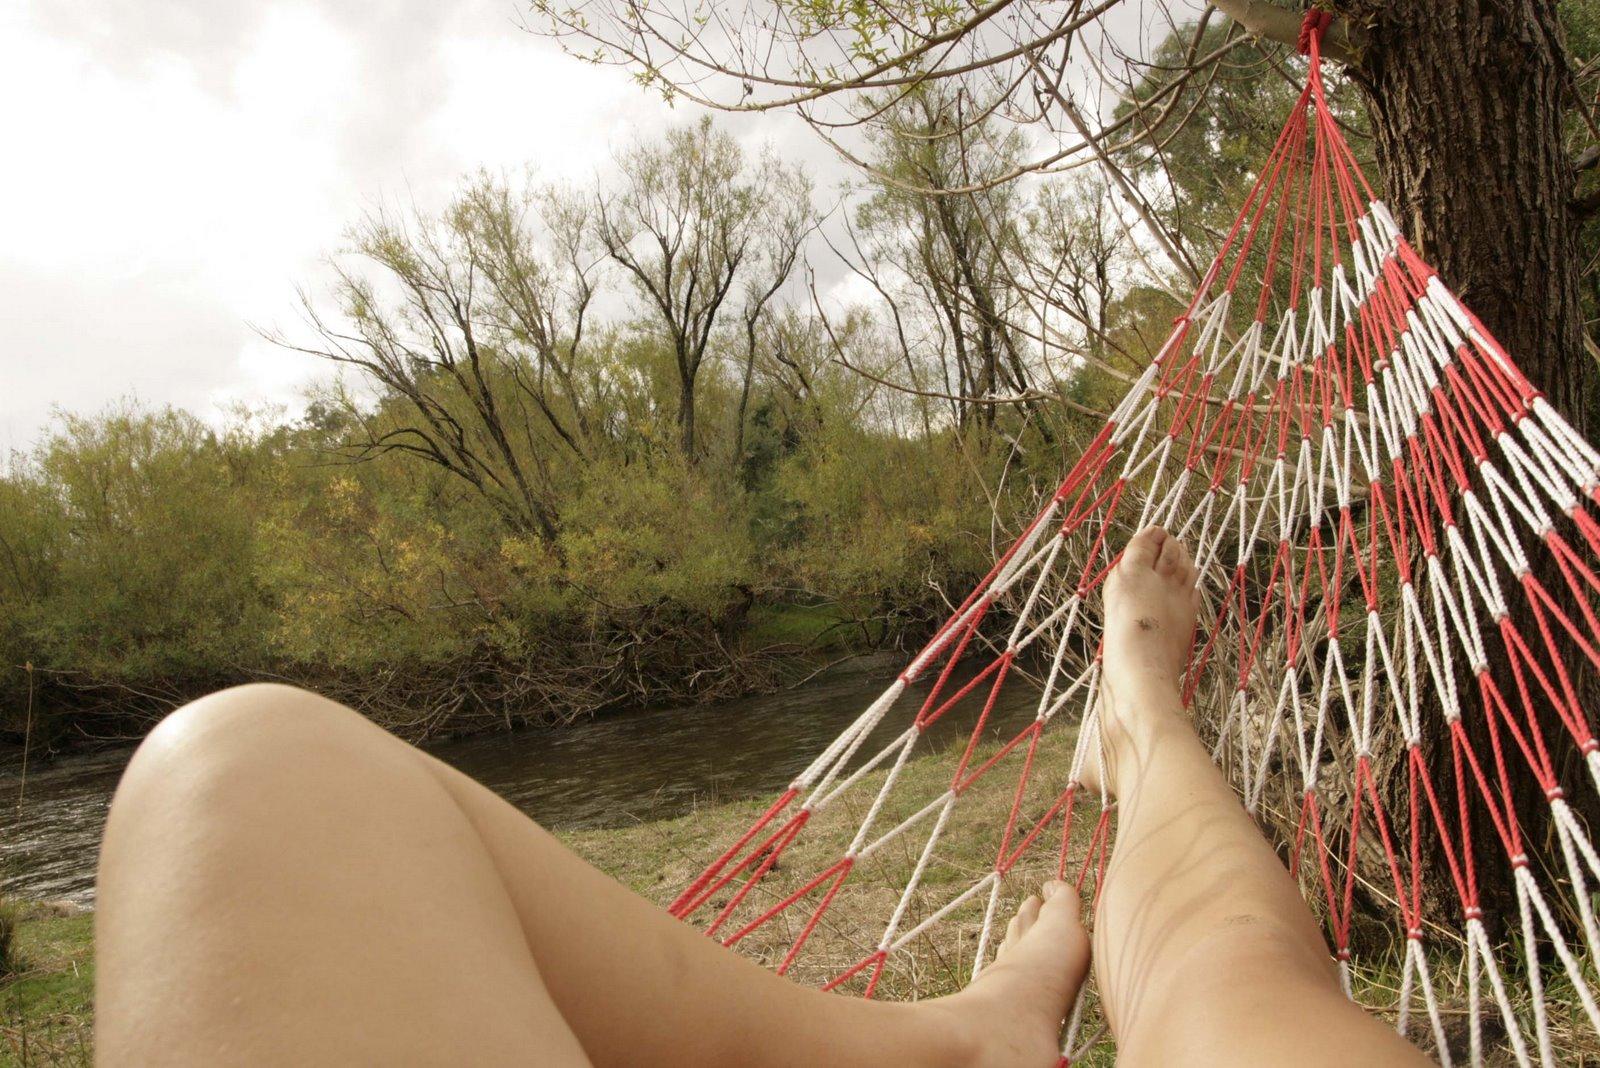 [hammock]